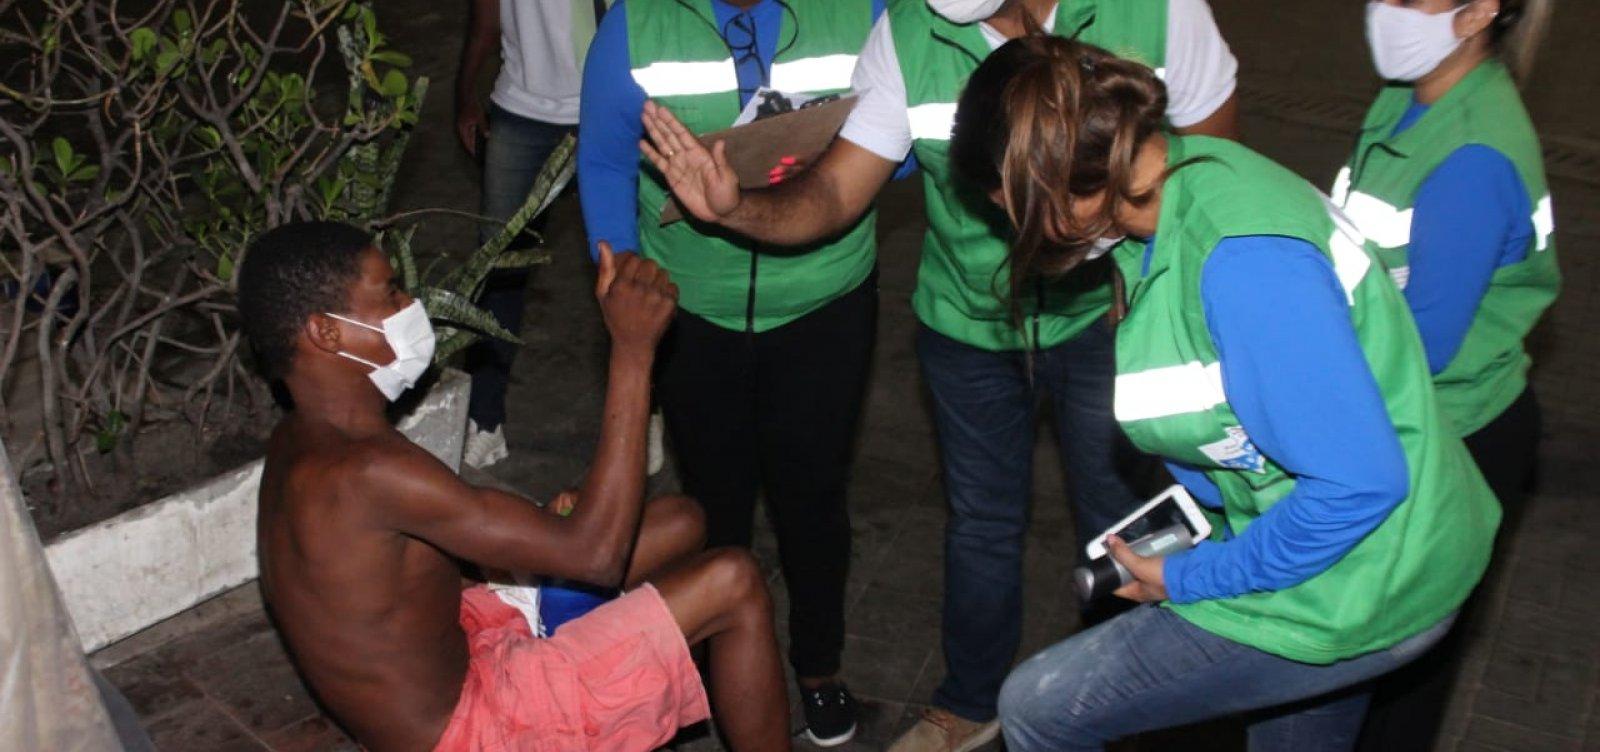 Operação Toque de Acolher Sempre: pessoas em situação de rua são encaminhadas para hotéis sociais